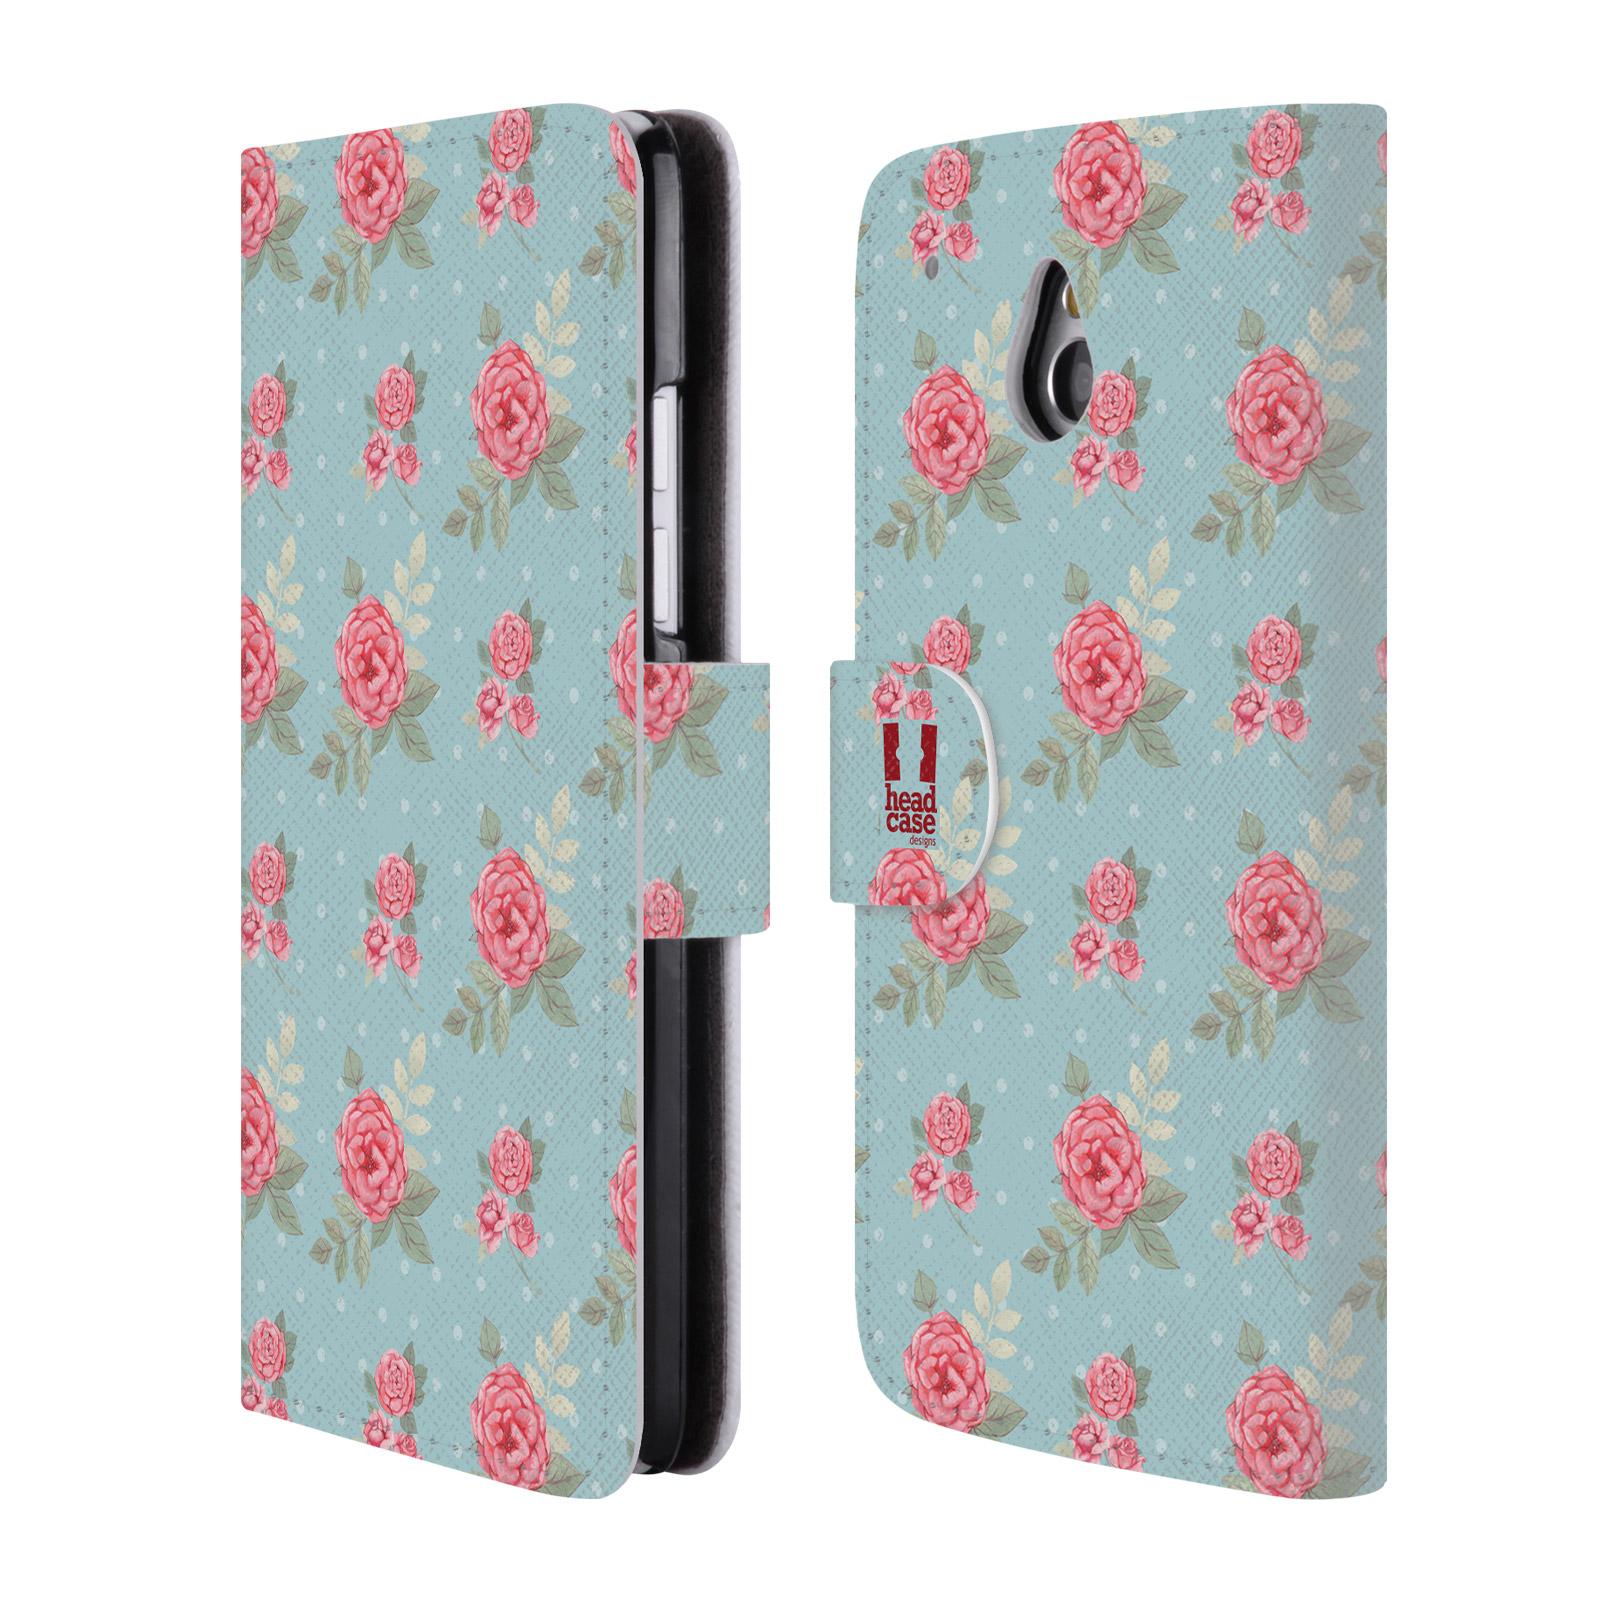 HEAD CASE Flipové pouzdro pro mobil HTC ONE MINI (M4) romantické květy anglické růže modrá a růžová